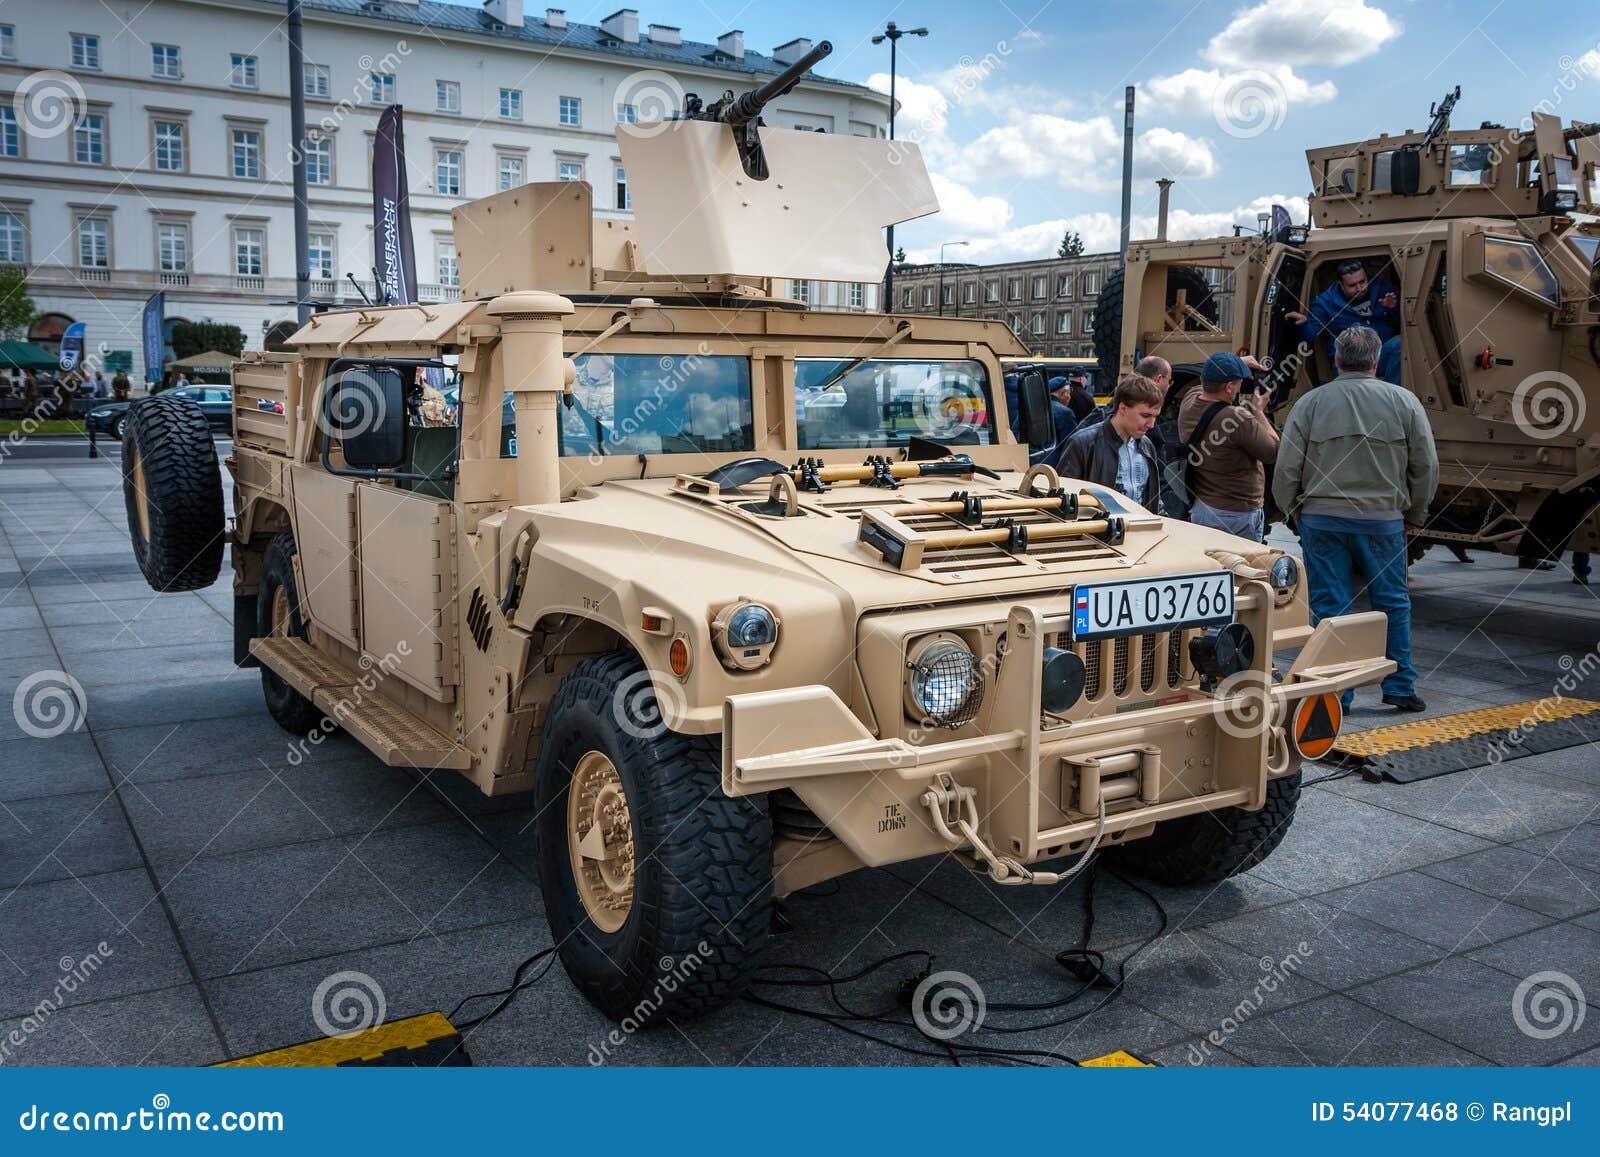 Humvee HMMWV m1165